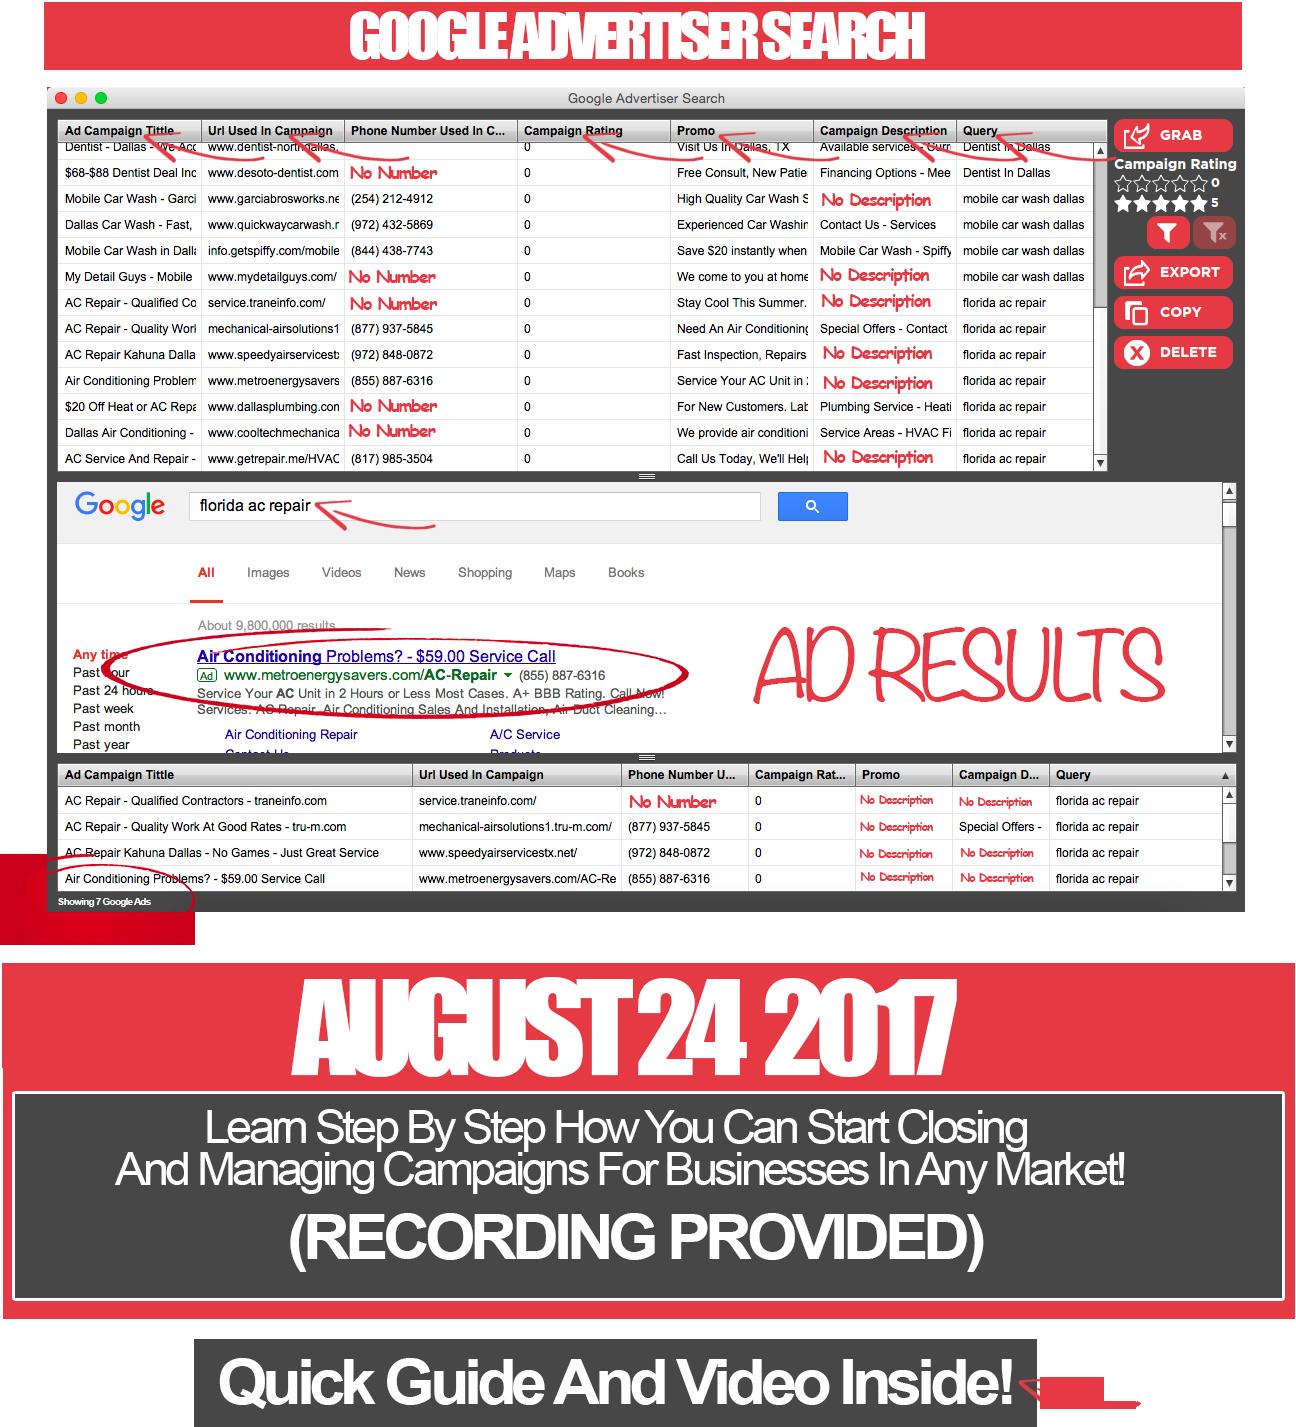 如何在任何市场上自动搜索谷歌Adwords广告商的广告数据以作研究(Google Advertiser Search)